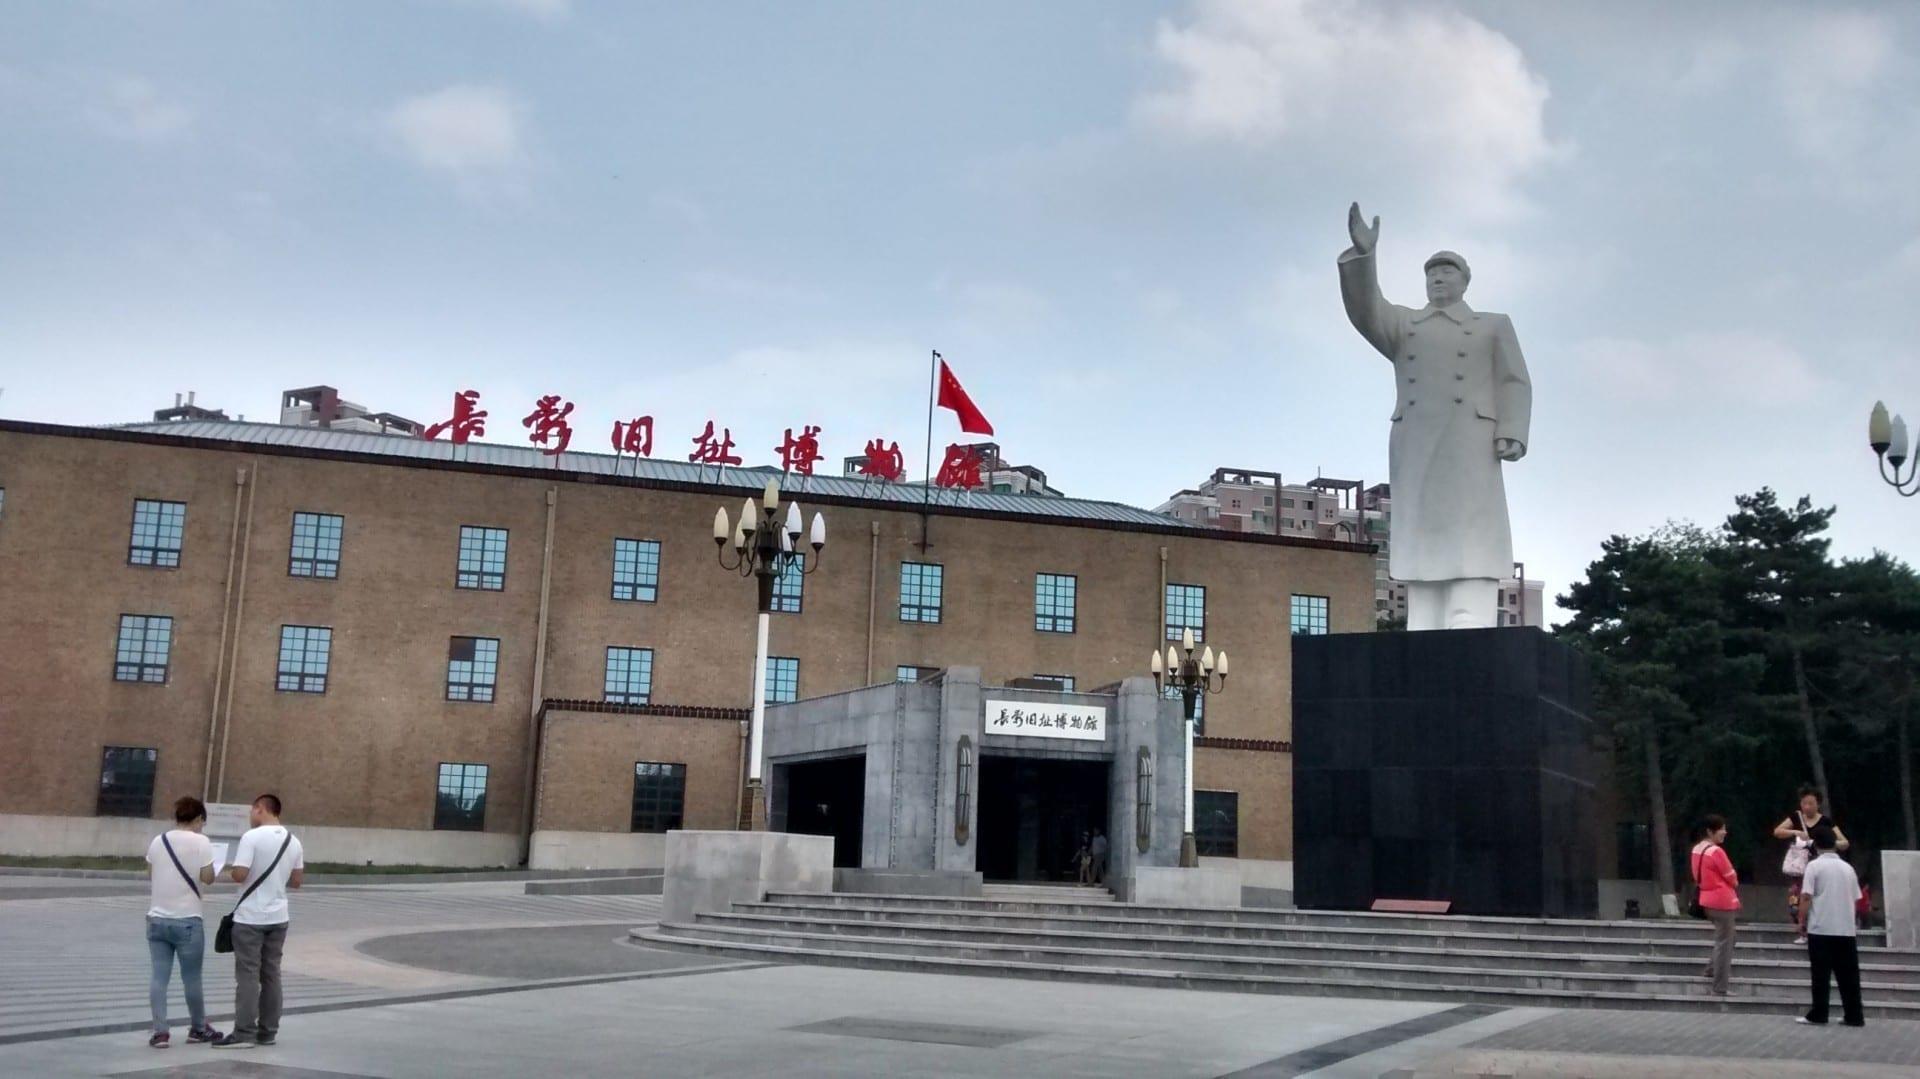 Estatua de Mao en el antiguo Museo de Sitio de los Estudios Cinematográficos de Changchun 长影旧址博物馆 Changchun China